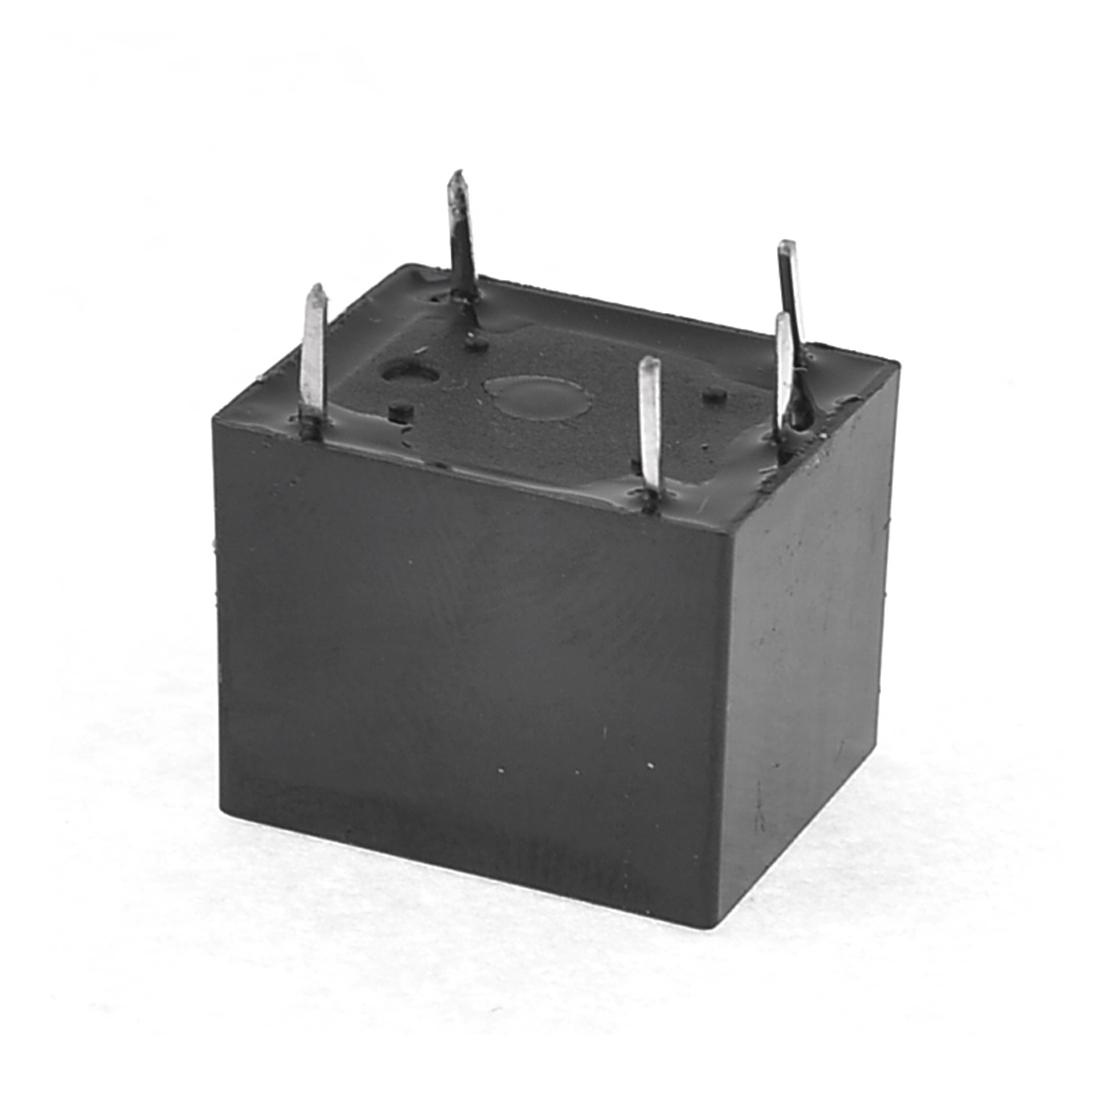 JQC-3F(T73)-12VDC DC 12V Coil Mini PCB Type General Relay 5 Pin